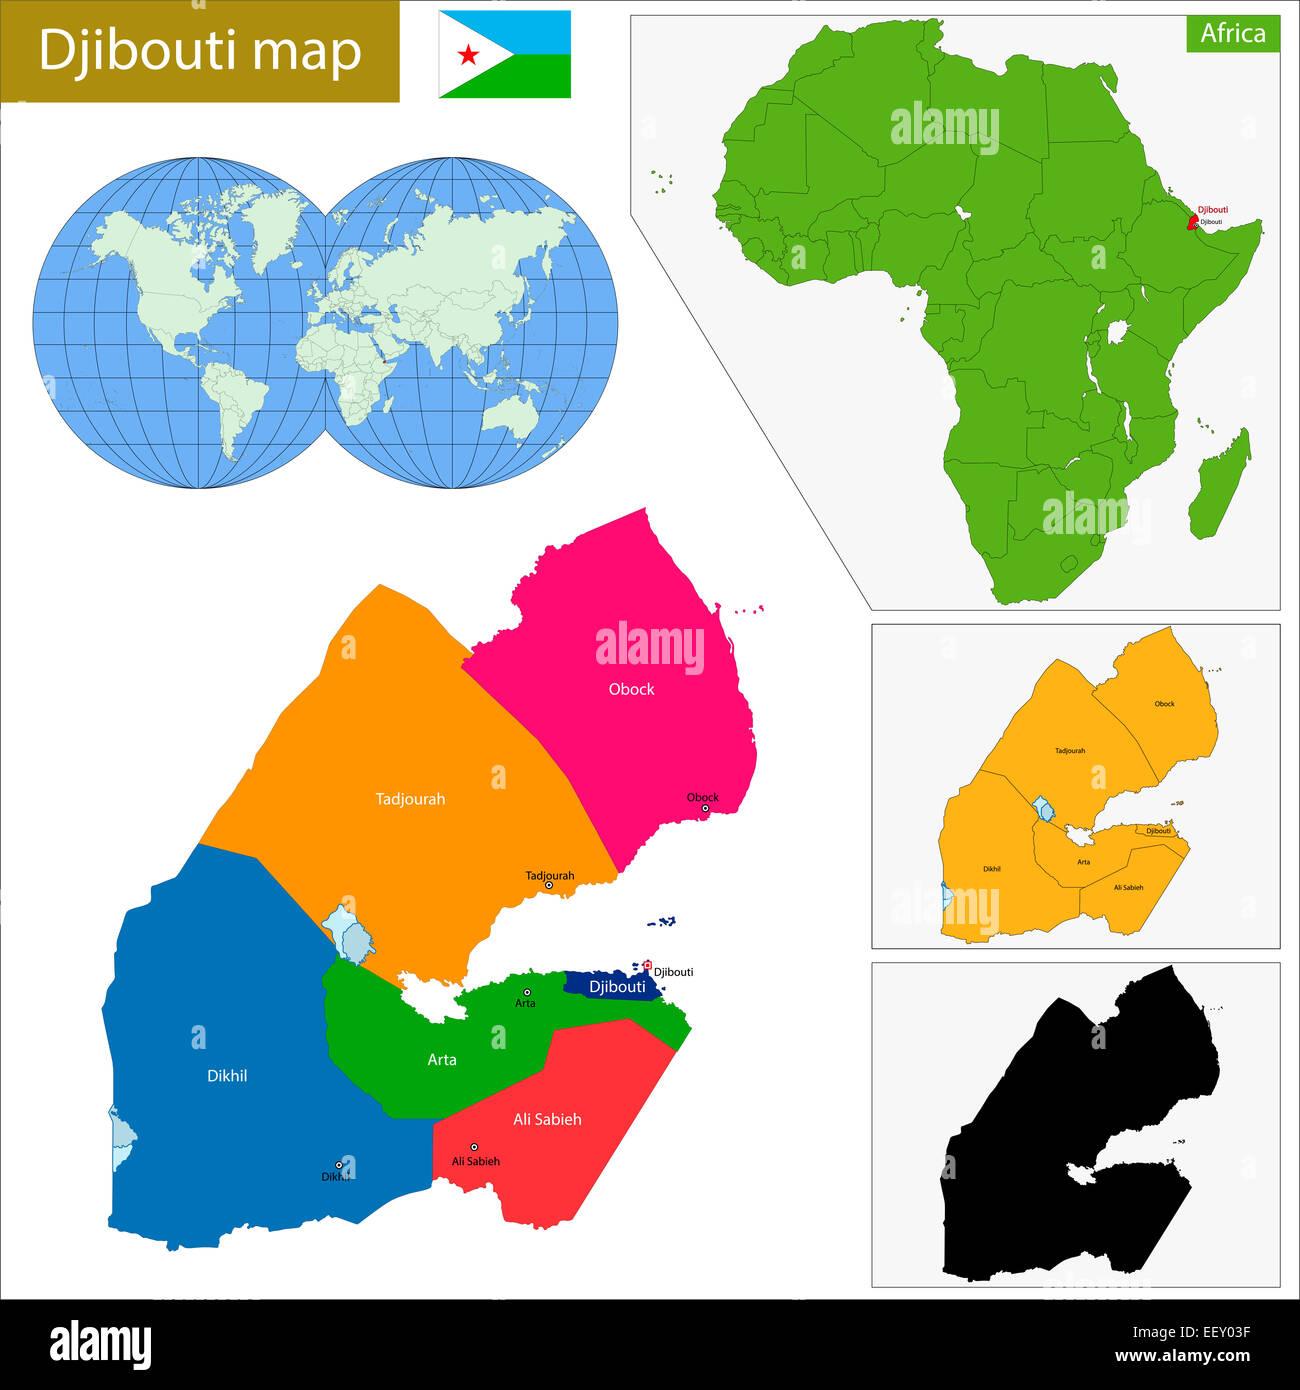 Djibouti map Stock Photo: 78039459 - Alamy